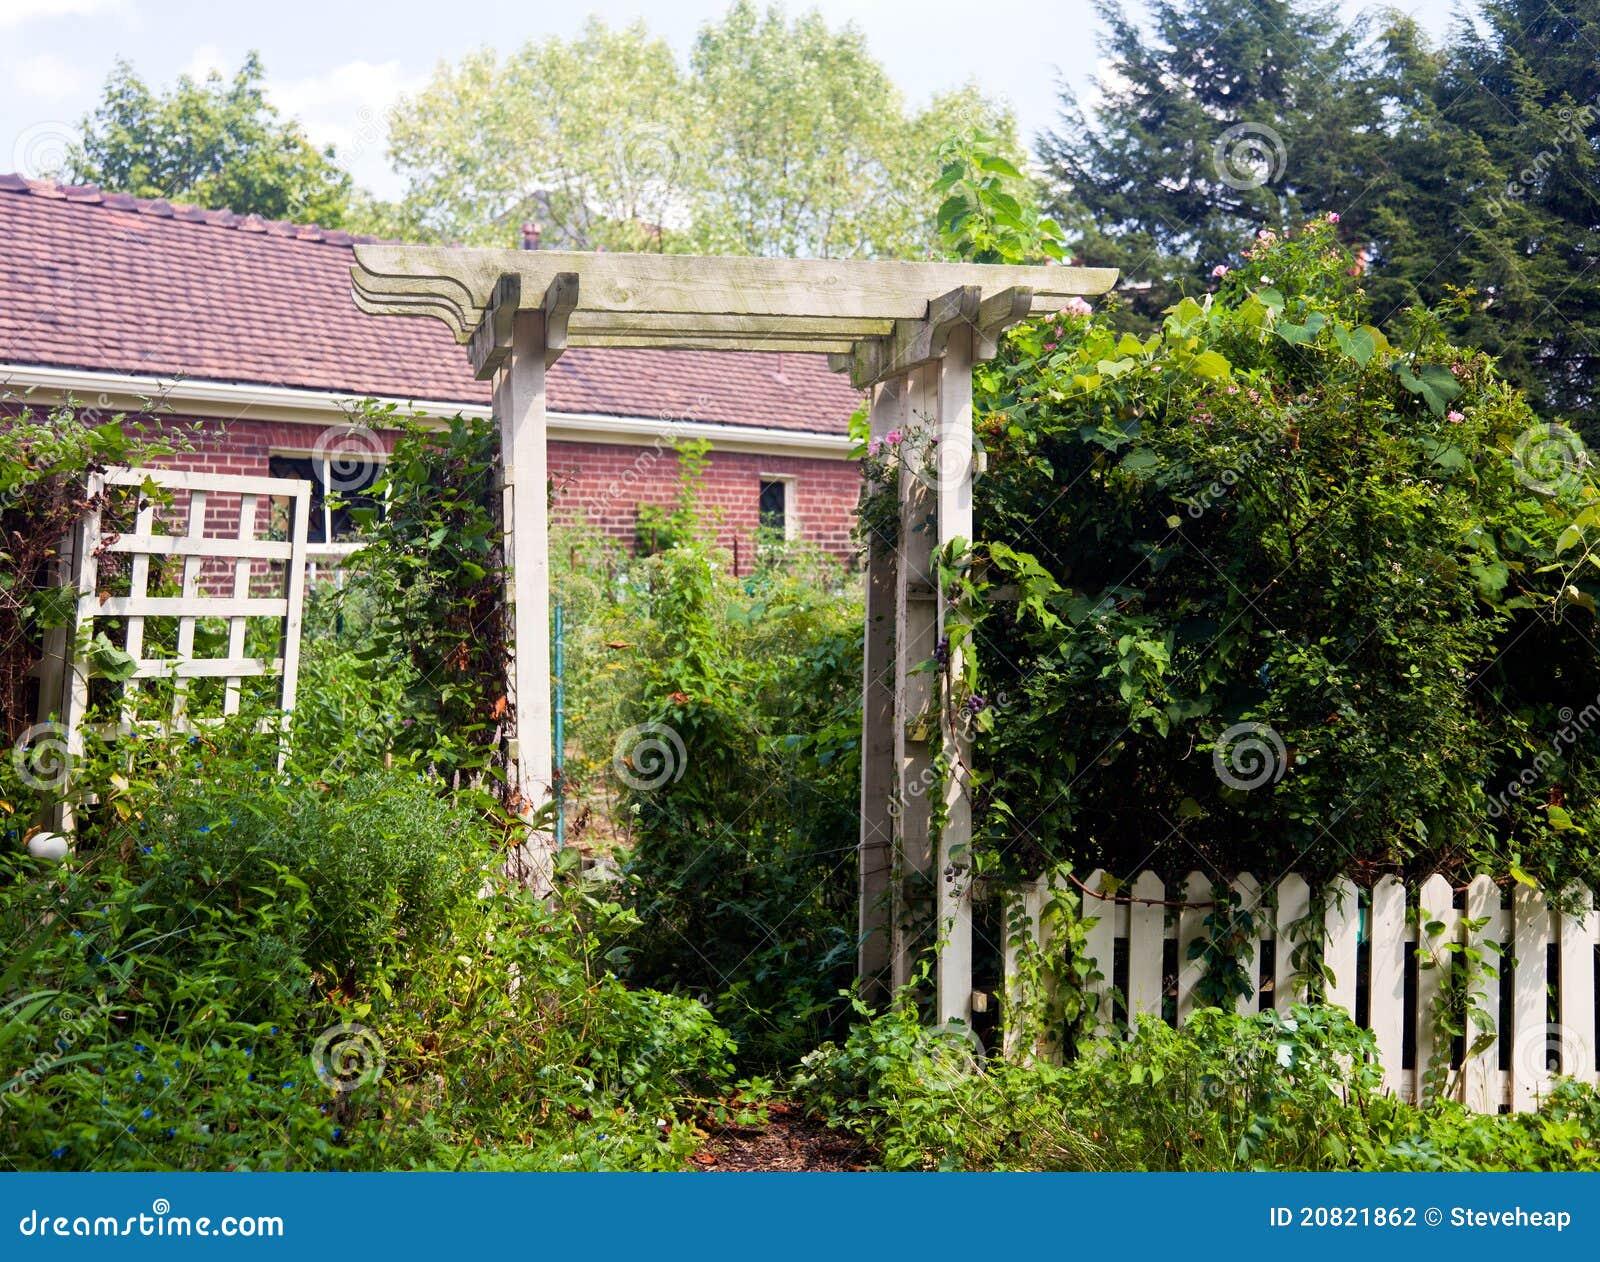 Pergola als ingang aan tuin stock fotografie afbeelding 20821862 - Pergola verkoop ...